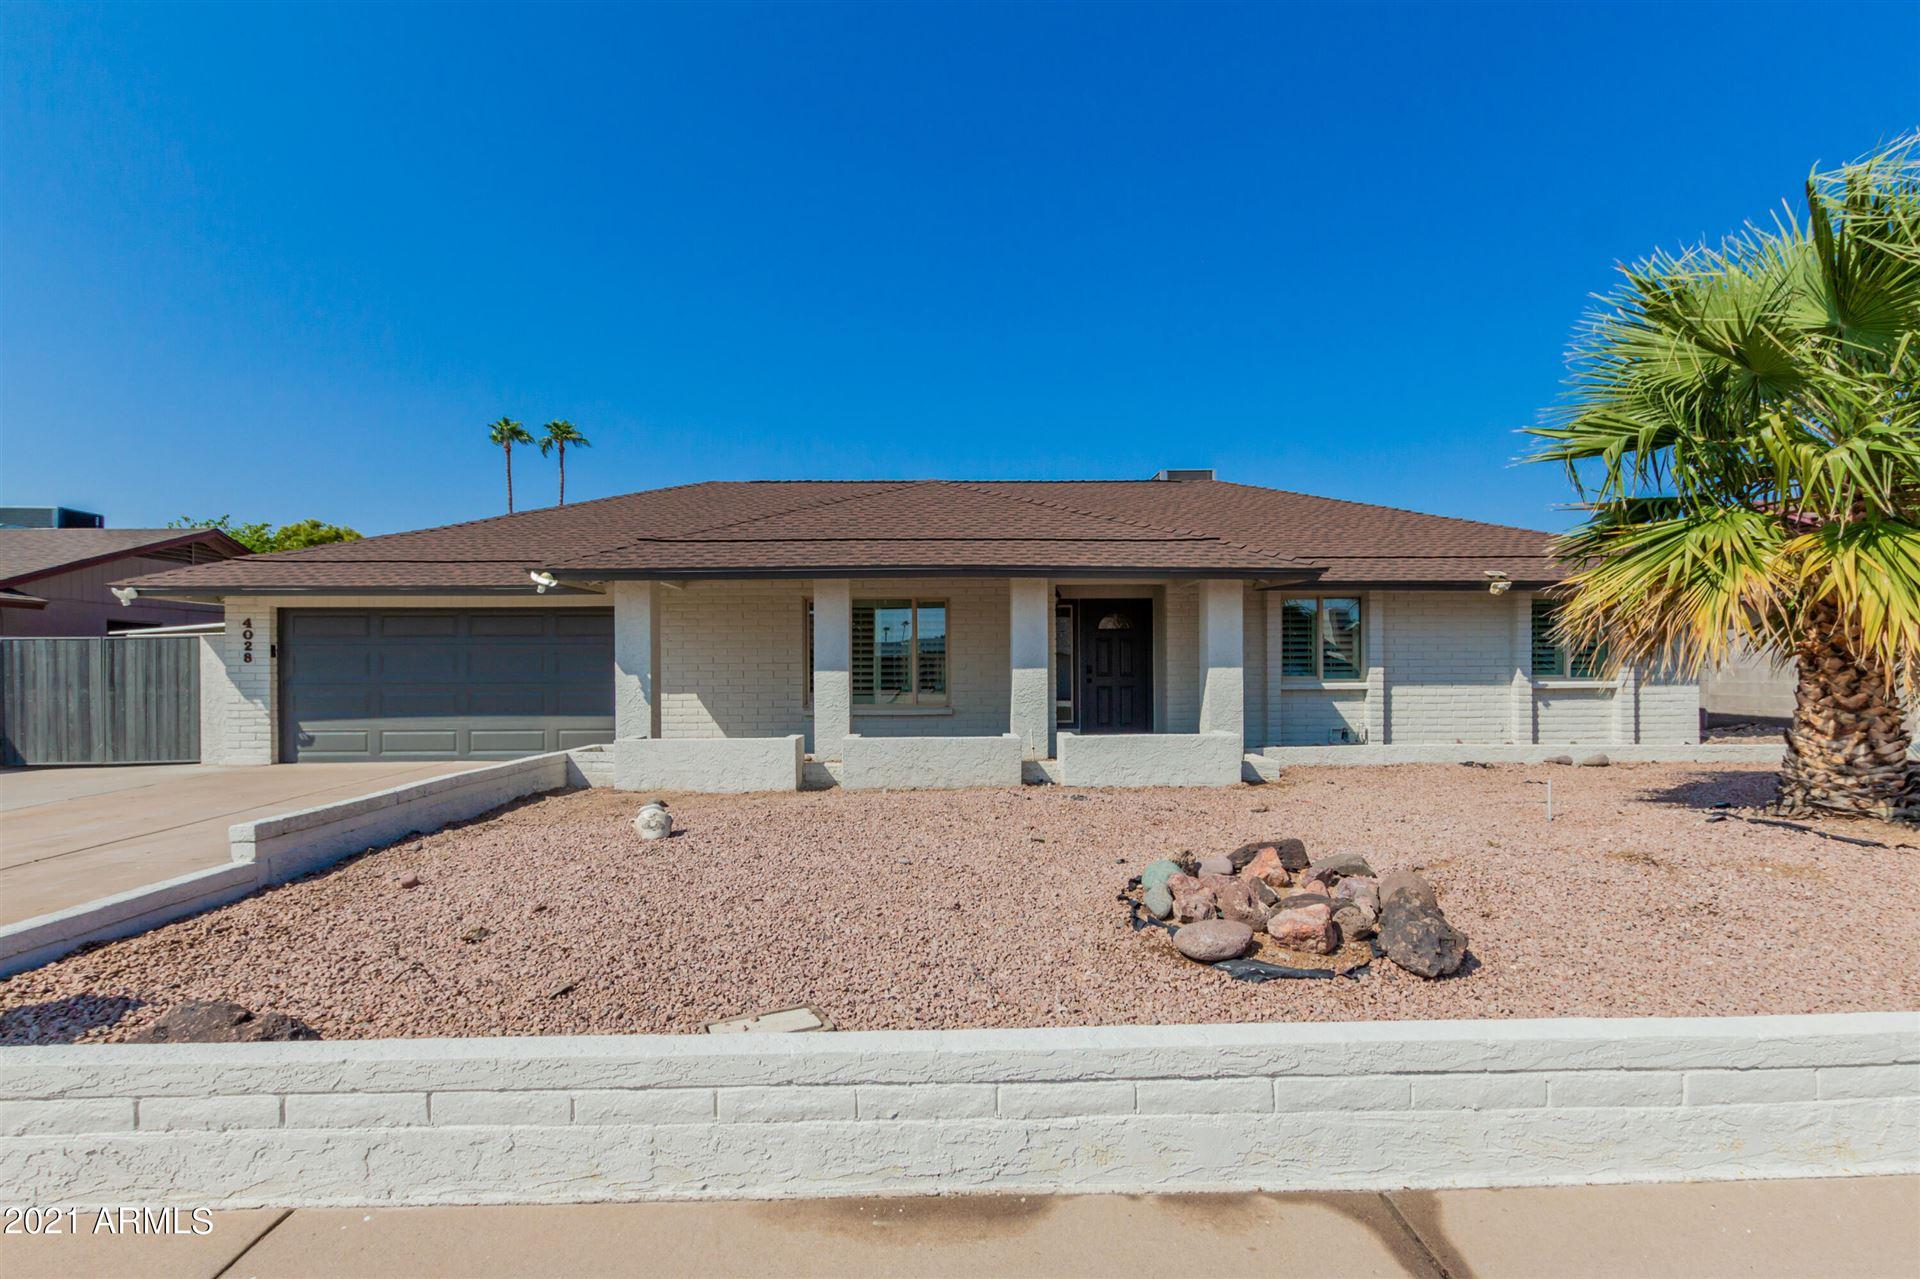 4028 W CAMPO BELLO Drive, Glendale, AZ 85308 - MLS#: 6294904